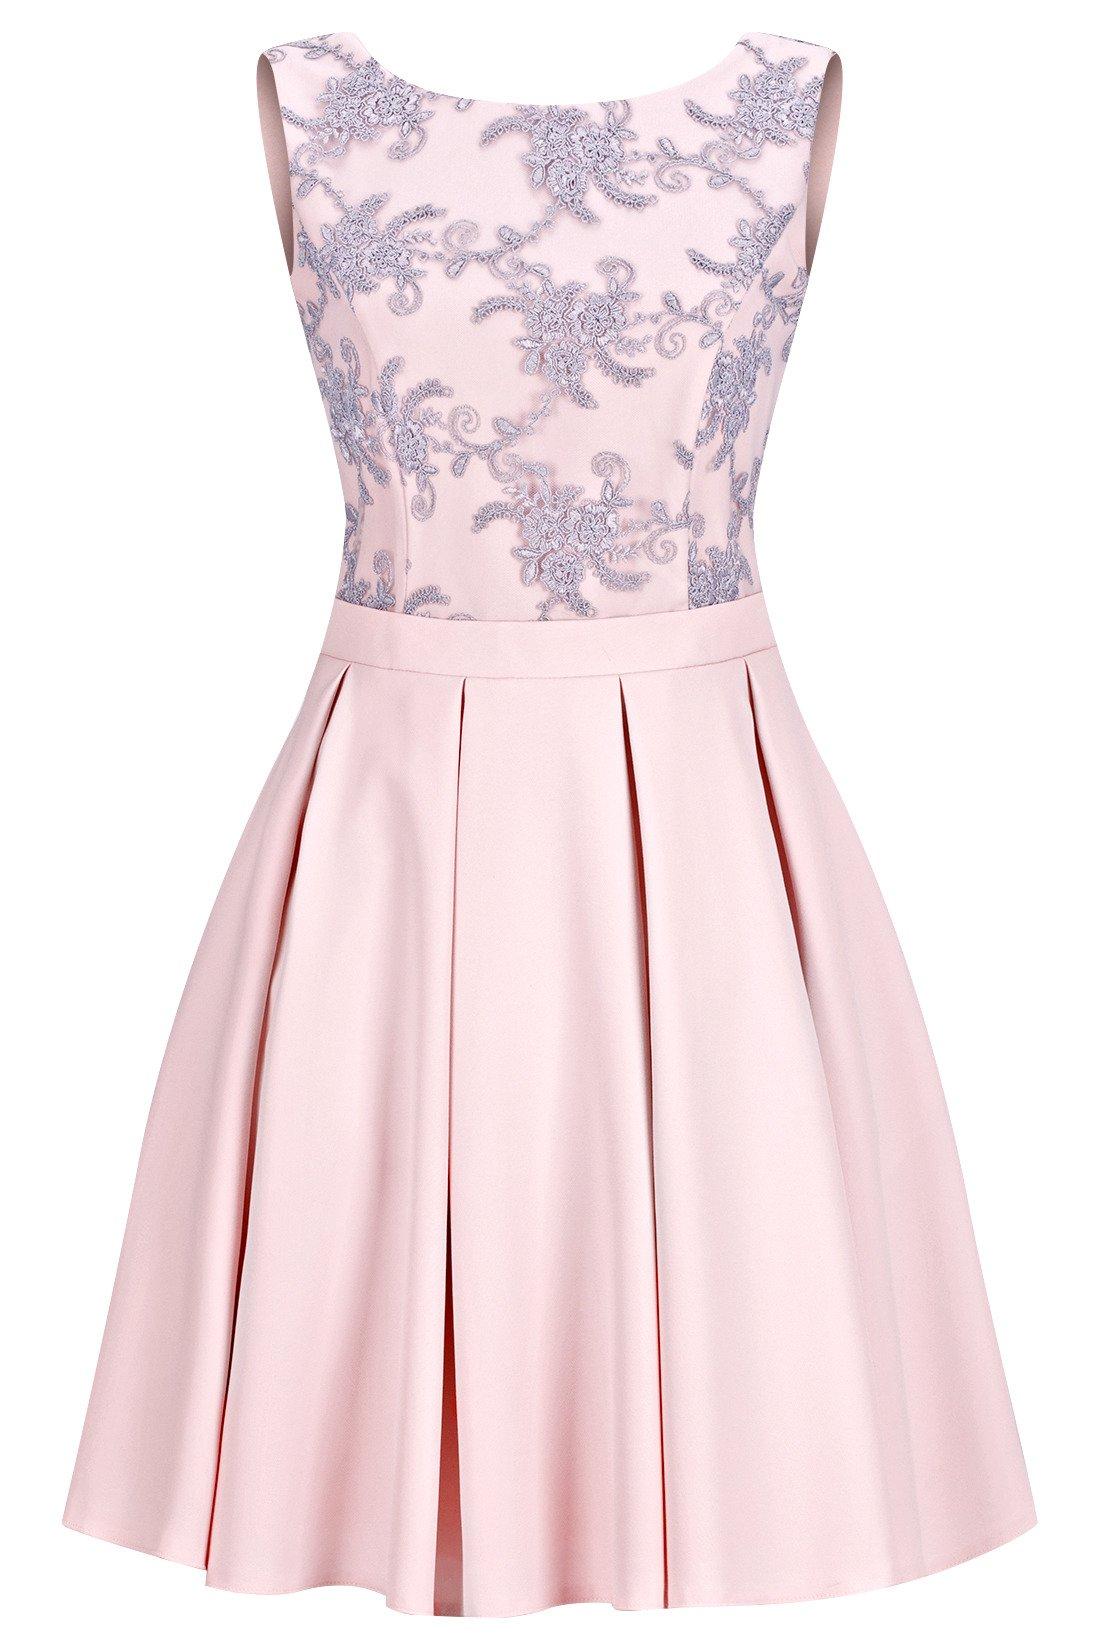 13f4756134 Sukienka Koton I młodzieżowa rozkloszowana różowa z szarą koronką ...